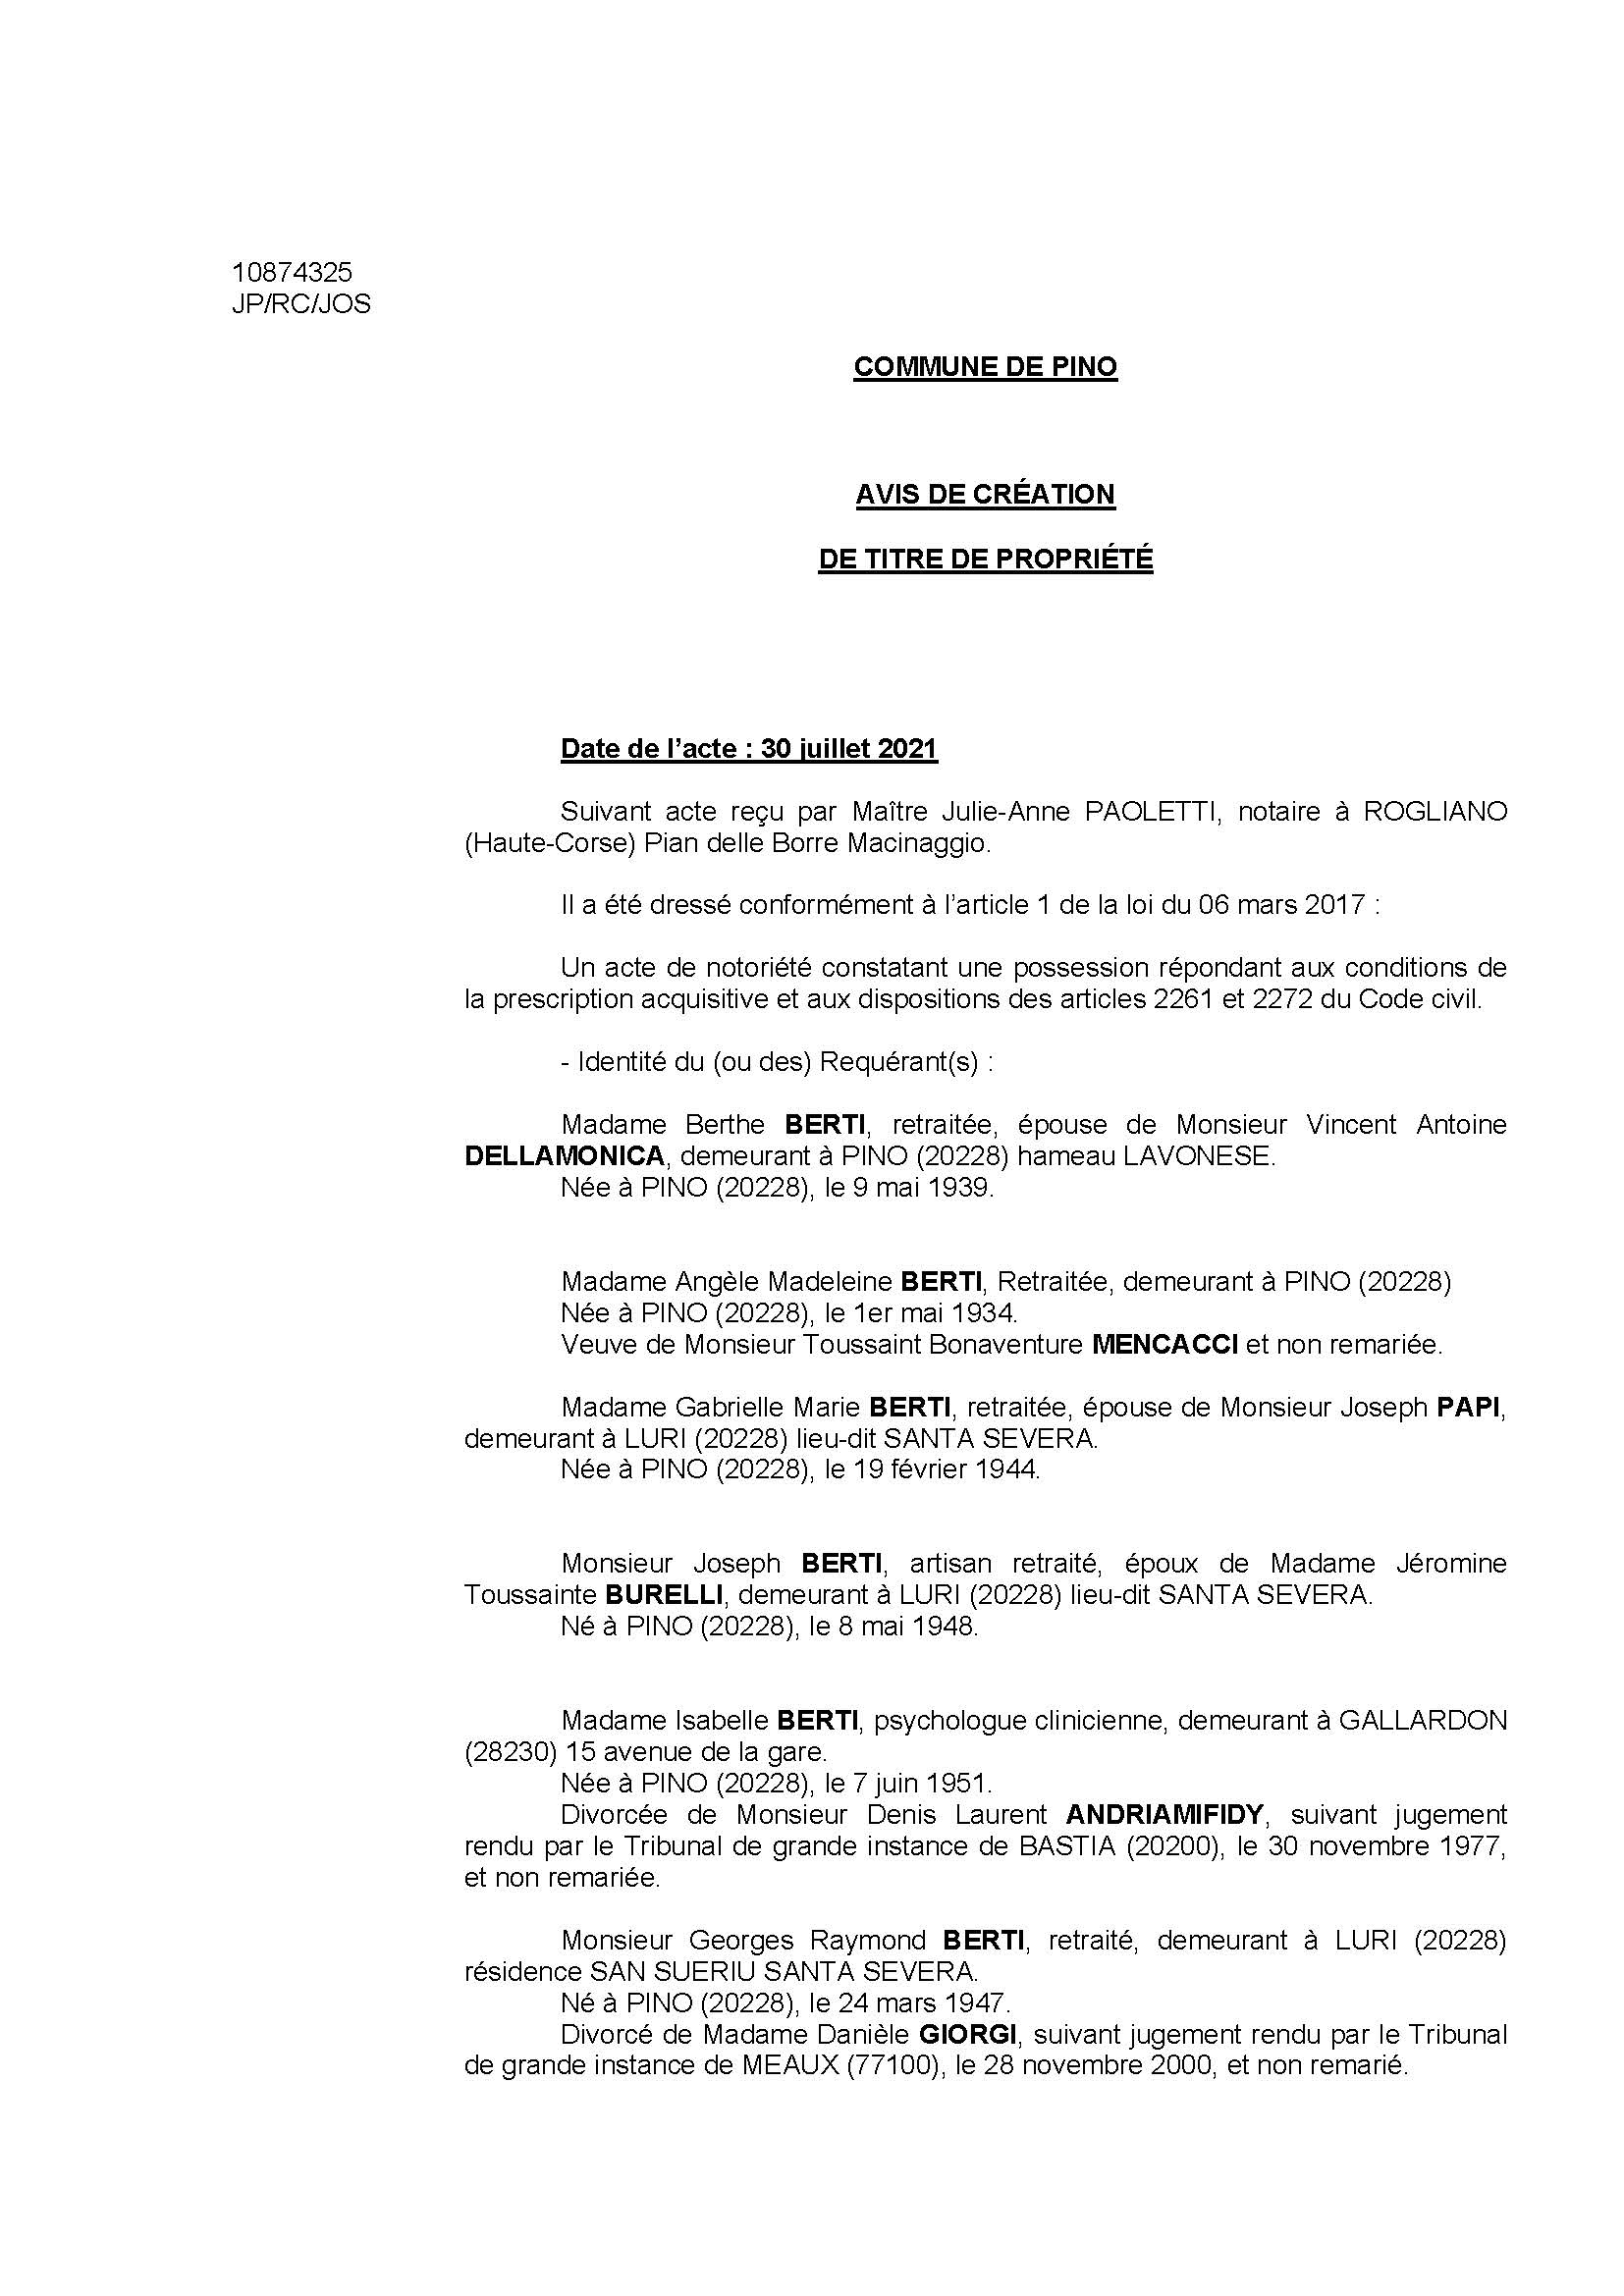 Avis de création de titre de propriété - Commune de Pino (Haute-Corse)